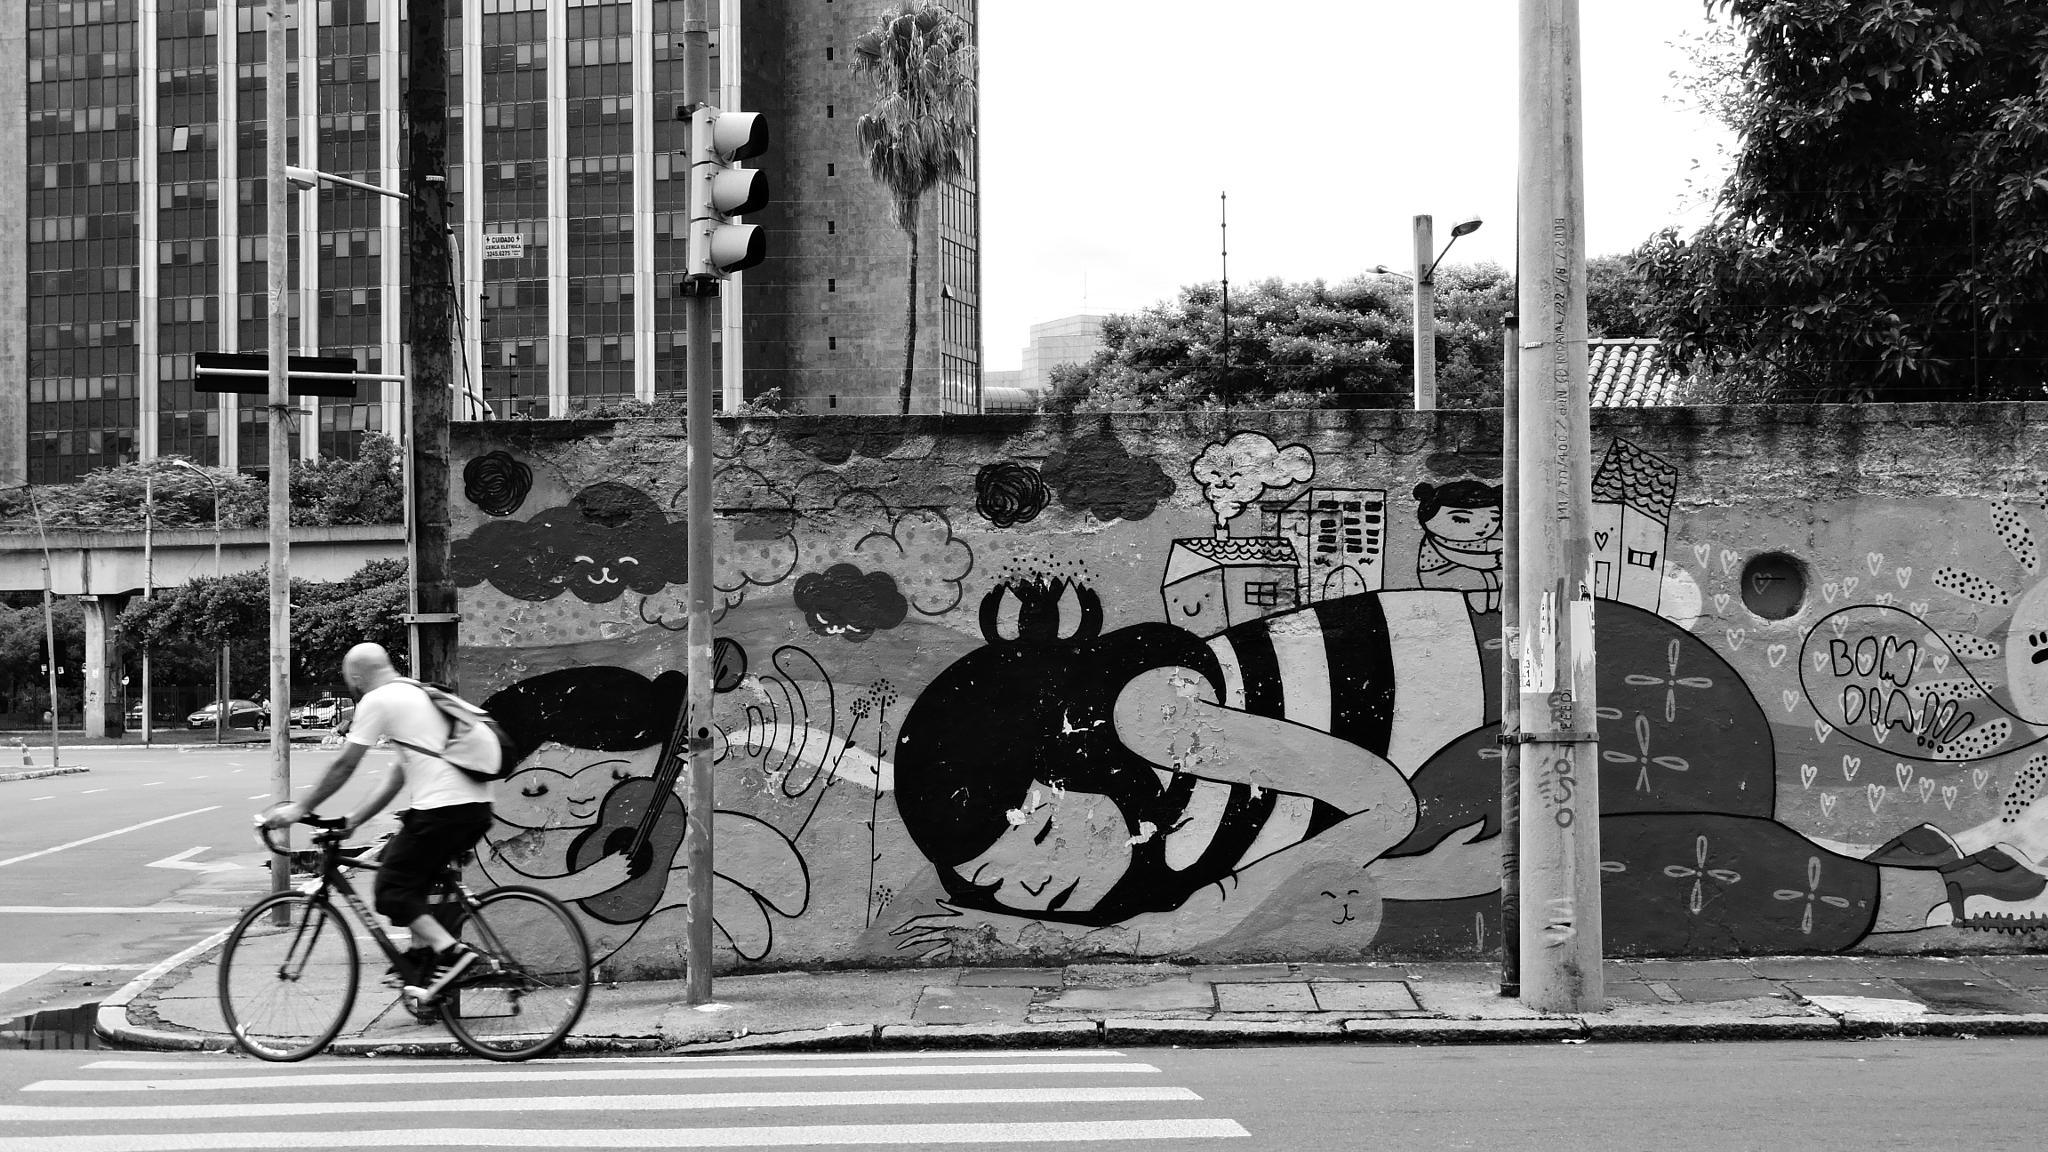 streets of POA by BETH DI GESU